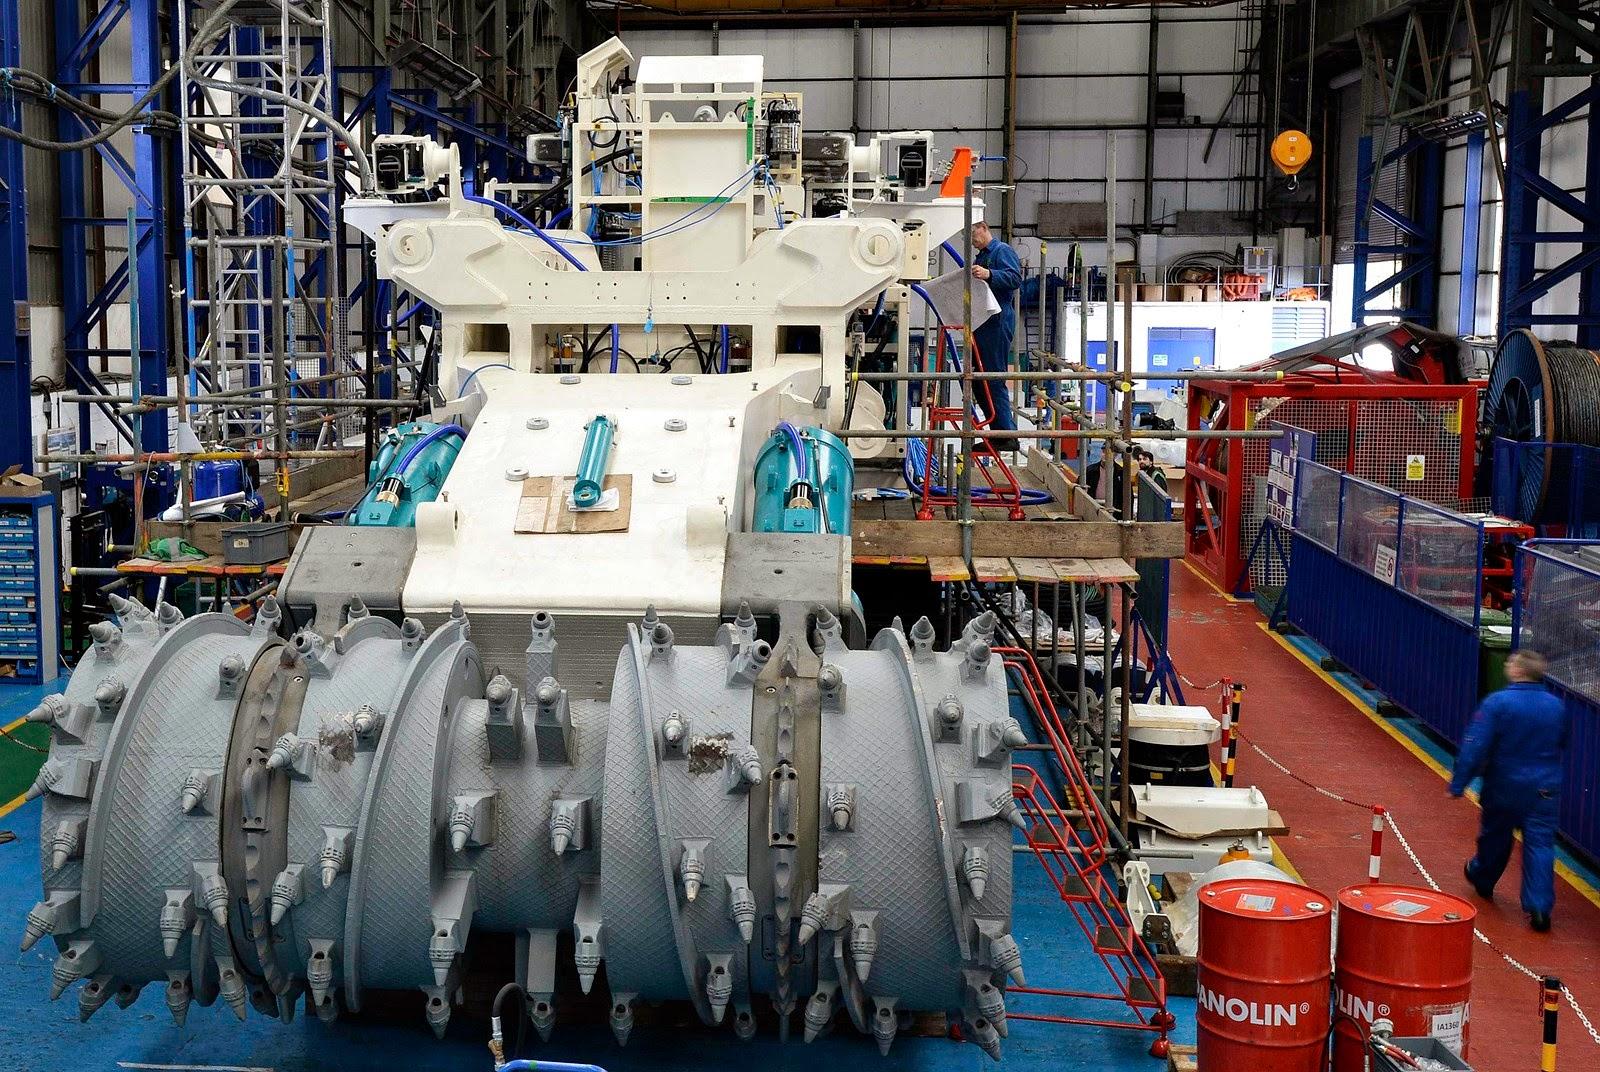 Funcionários da Soil Machine Dynamics trabalhando em uma máquina de mineração submarina construída para a Nautilus Minerals, em Wallsend, Inglaterra. Crédito: Nigel Roddis / Reuters